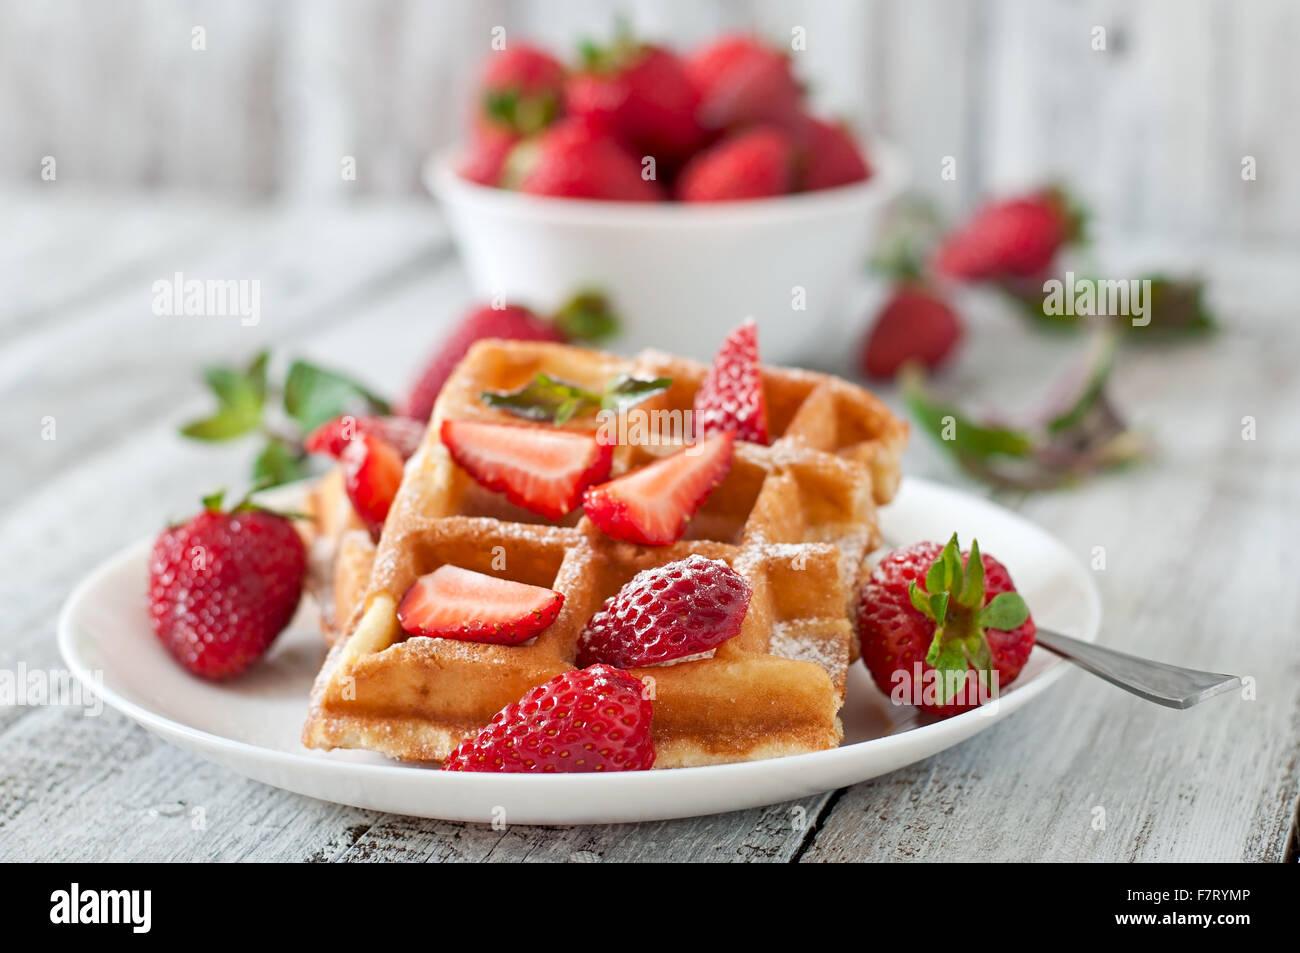 Belgien-Waffeln mit Erdbeeren und Minze auf weißen Teller. Stockbild